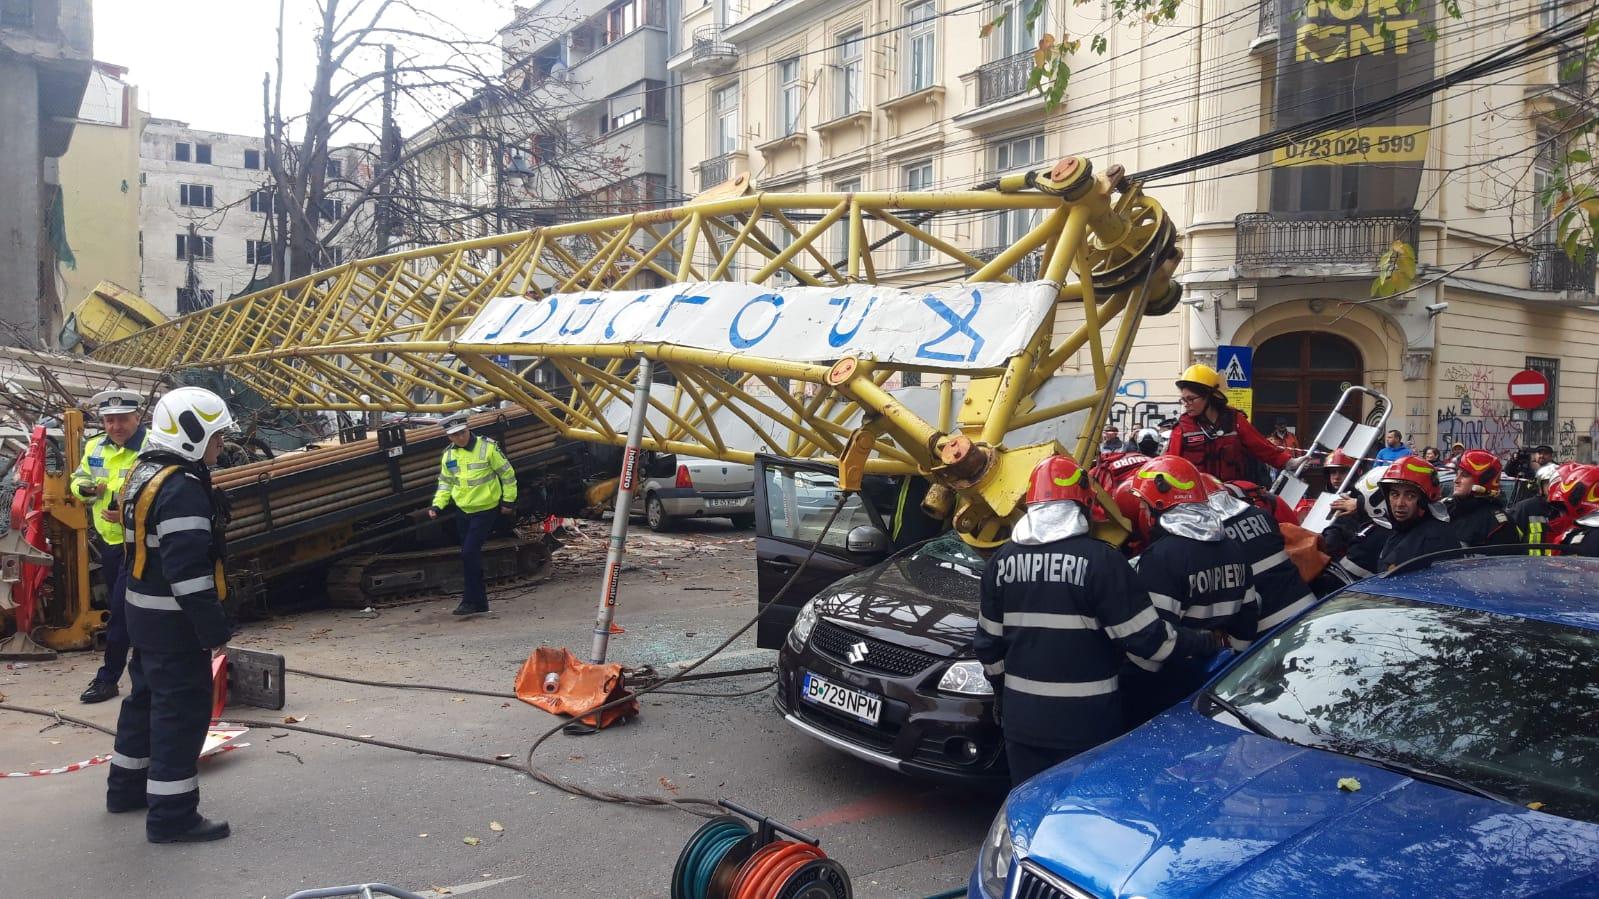 Brațul unei macarale s-a prăbușit peste o mașină în care se aflau 4 oameni, în București